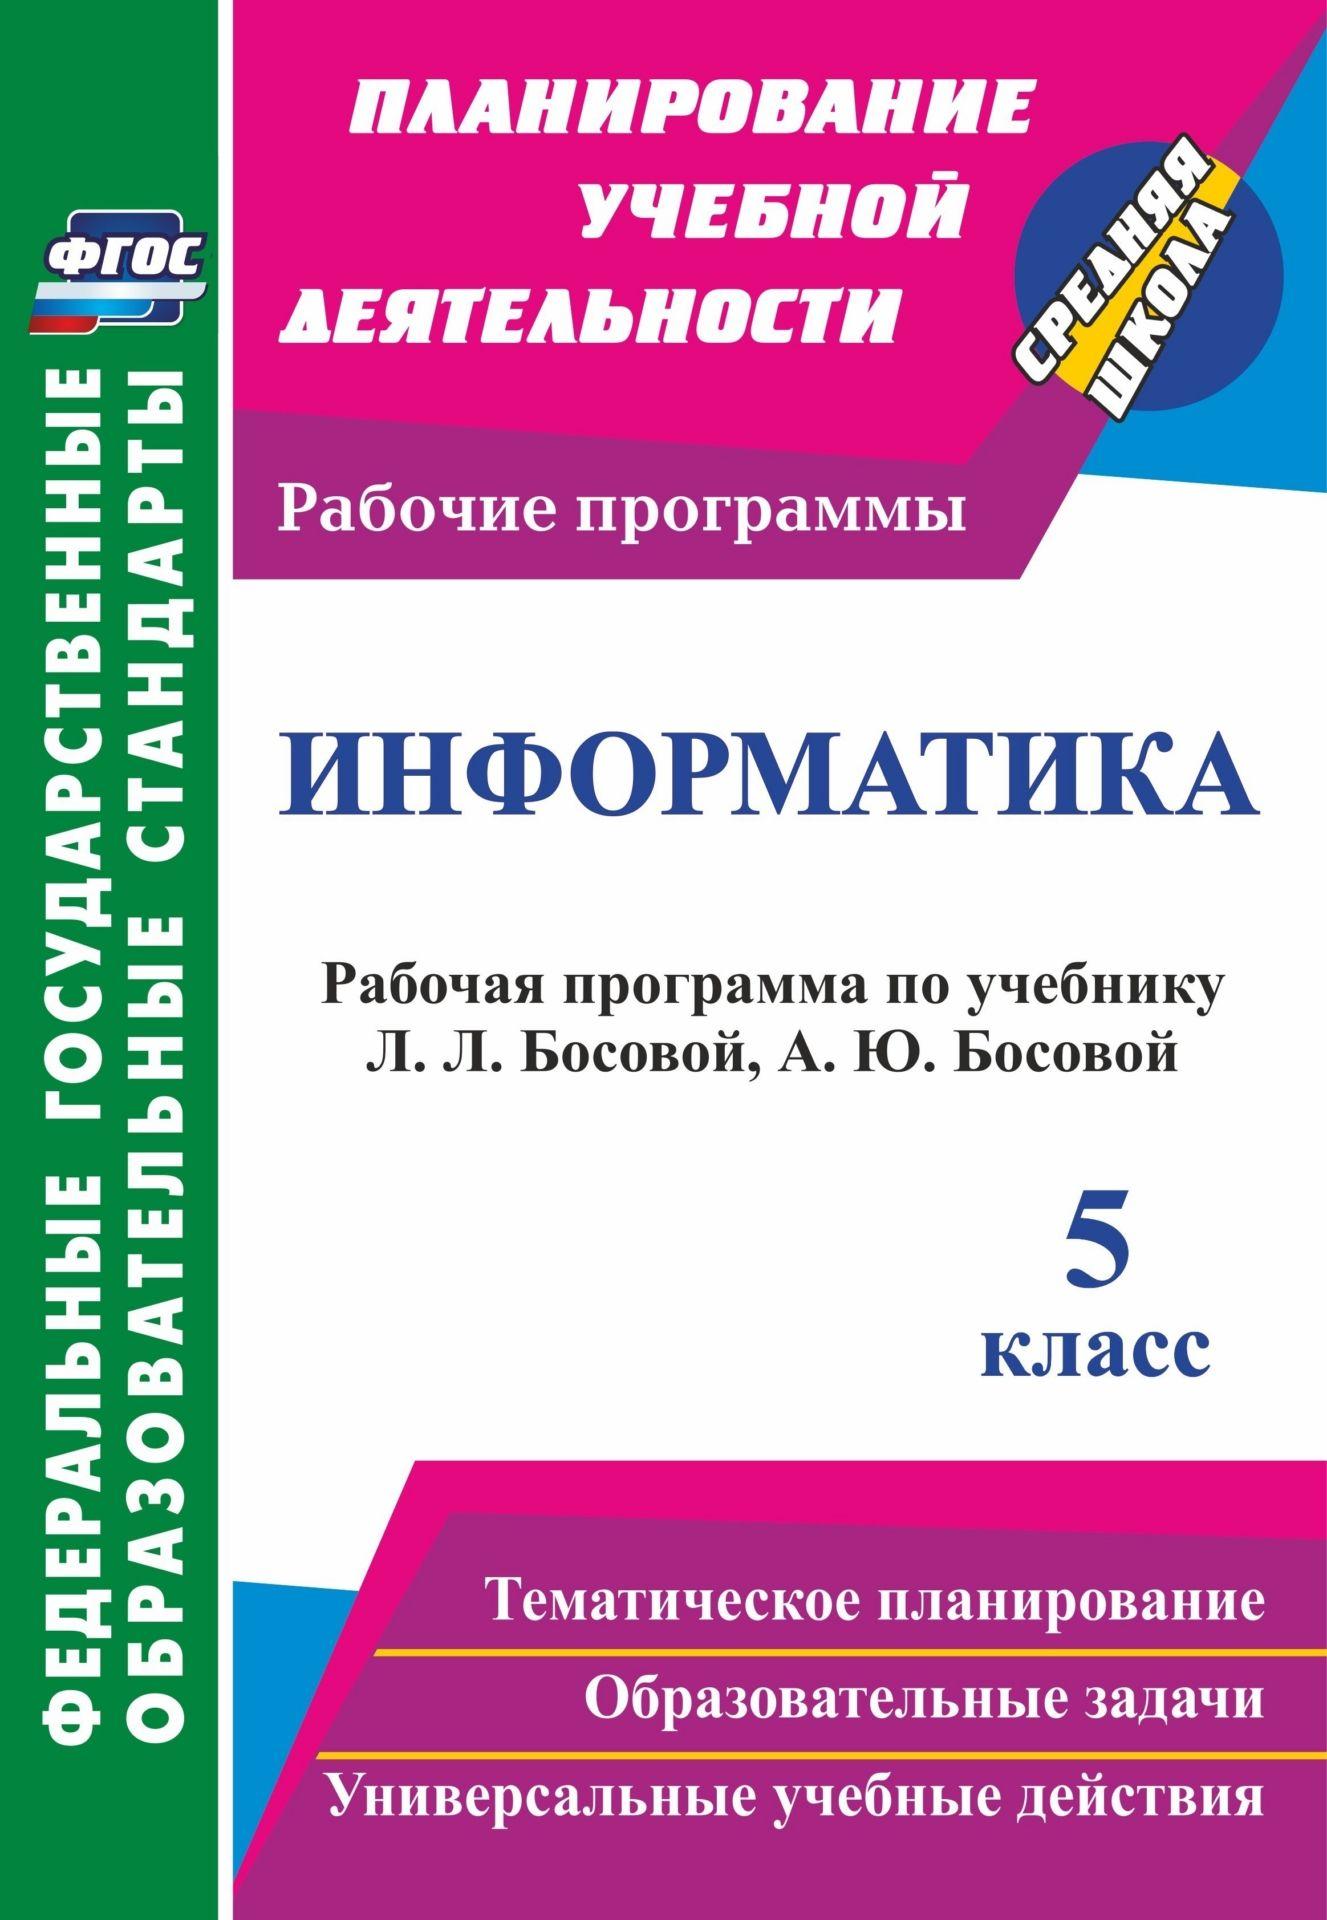 Информатика. 5 класс. Рабочая программа по учебнику Л. Л. Босовой, А. Ю. Босовой. Программа для установки через интернет